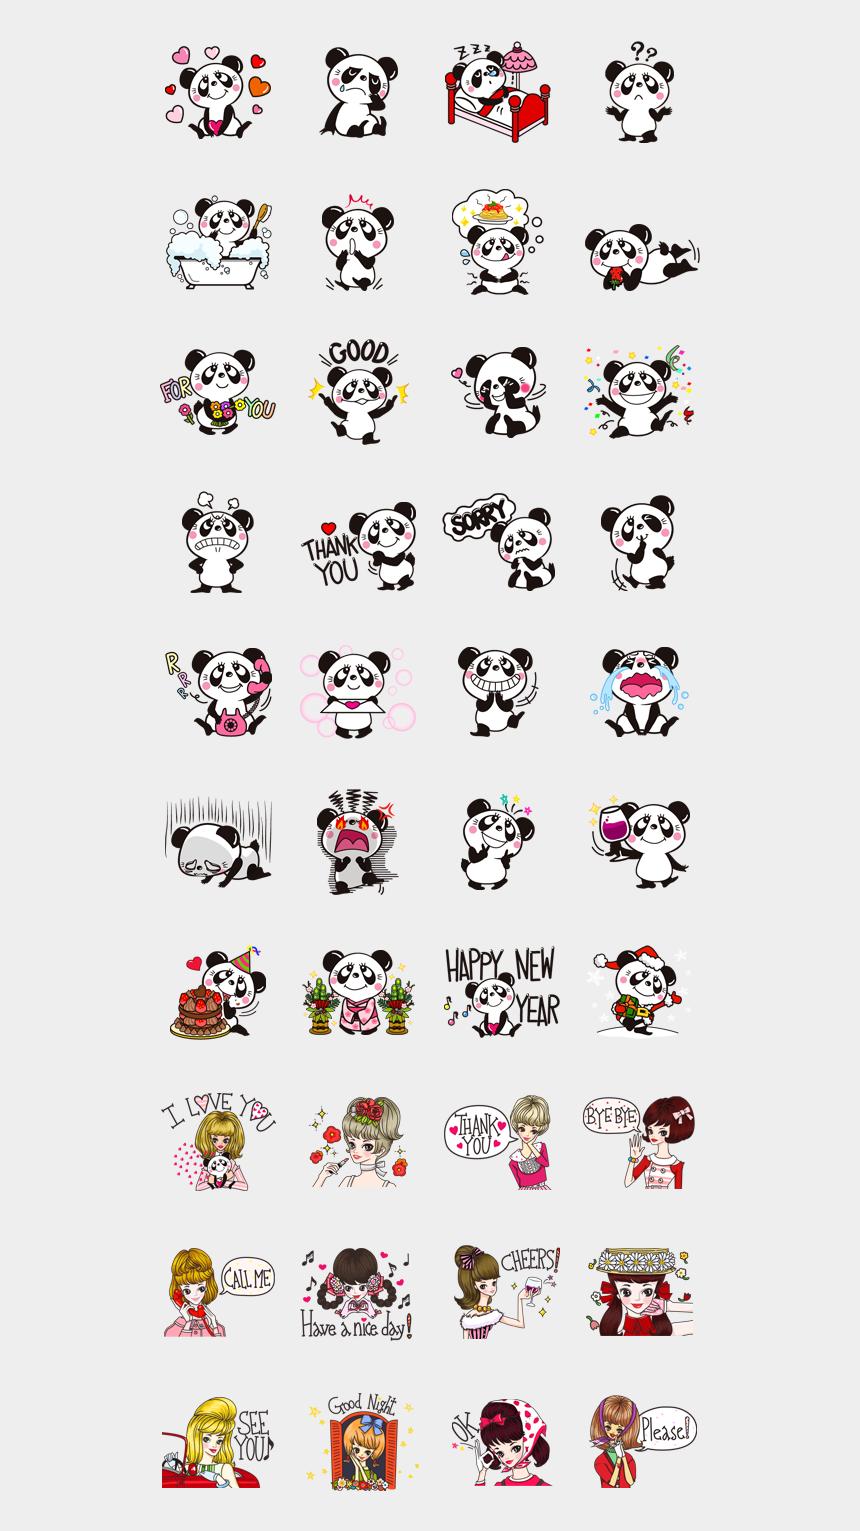 lippen clipart, Cartoons - Panditas Cute Panda Emoji, Chibi Panda, Kawaii Chibi, - Panda Stickers Viber